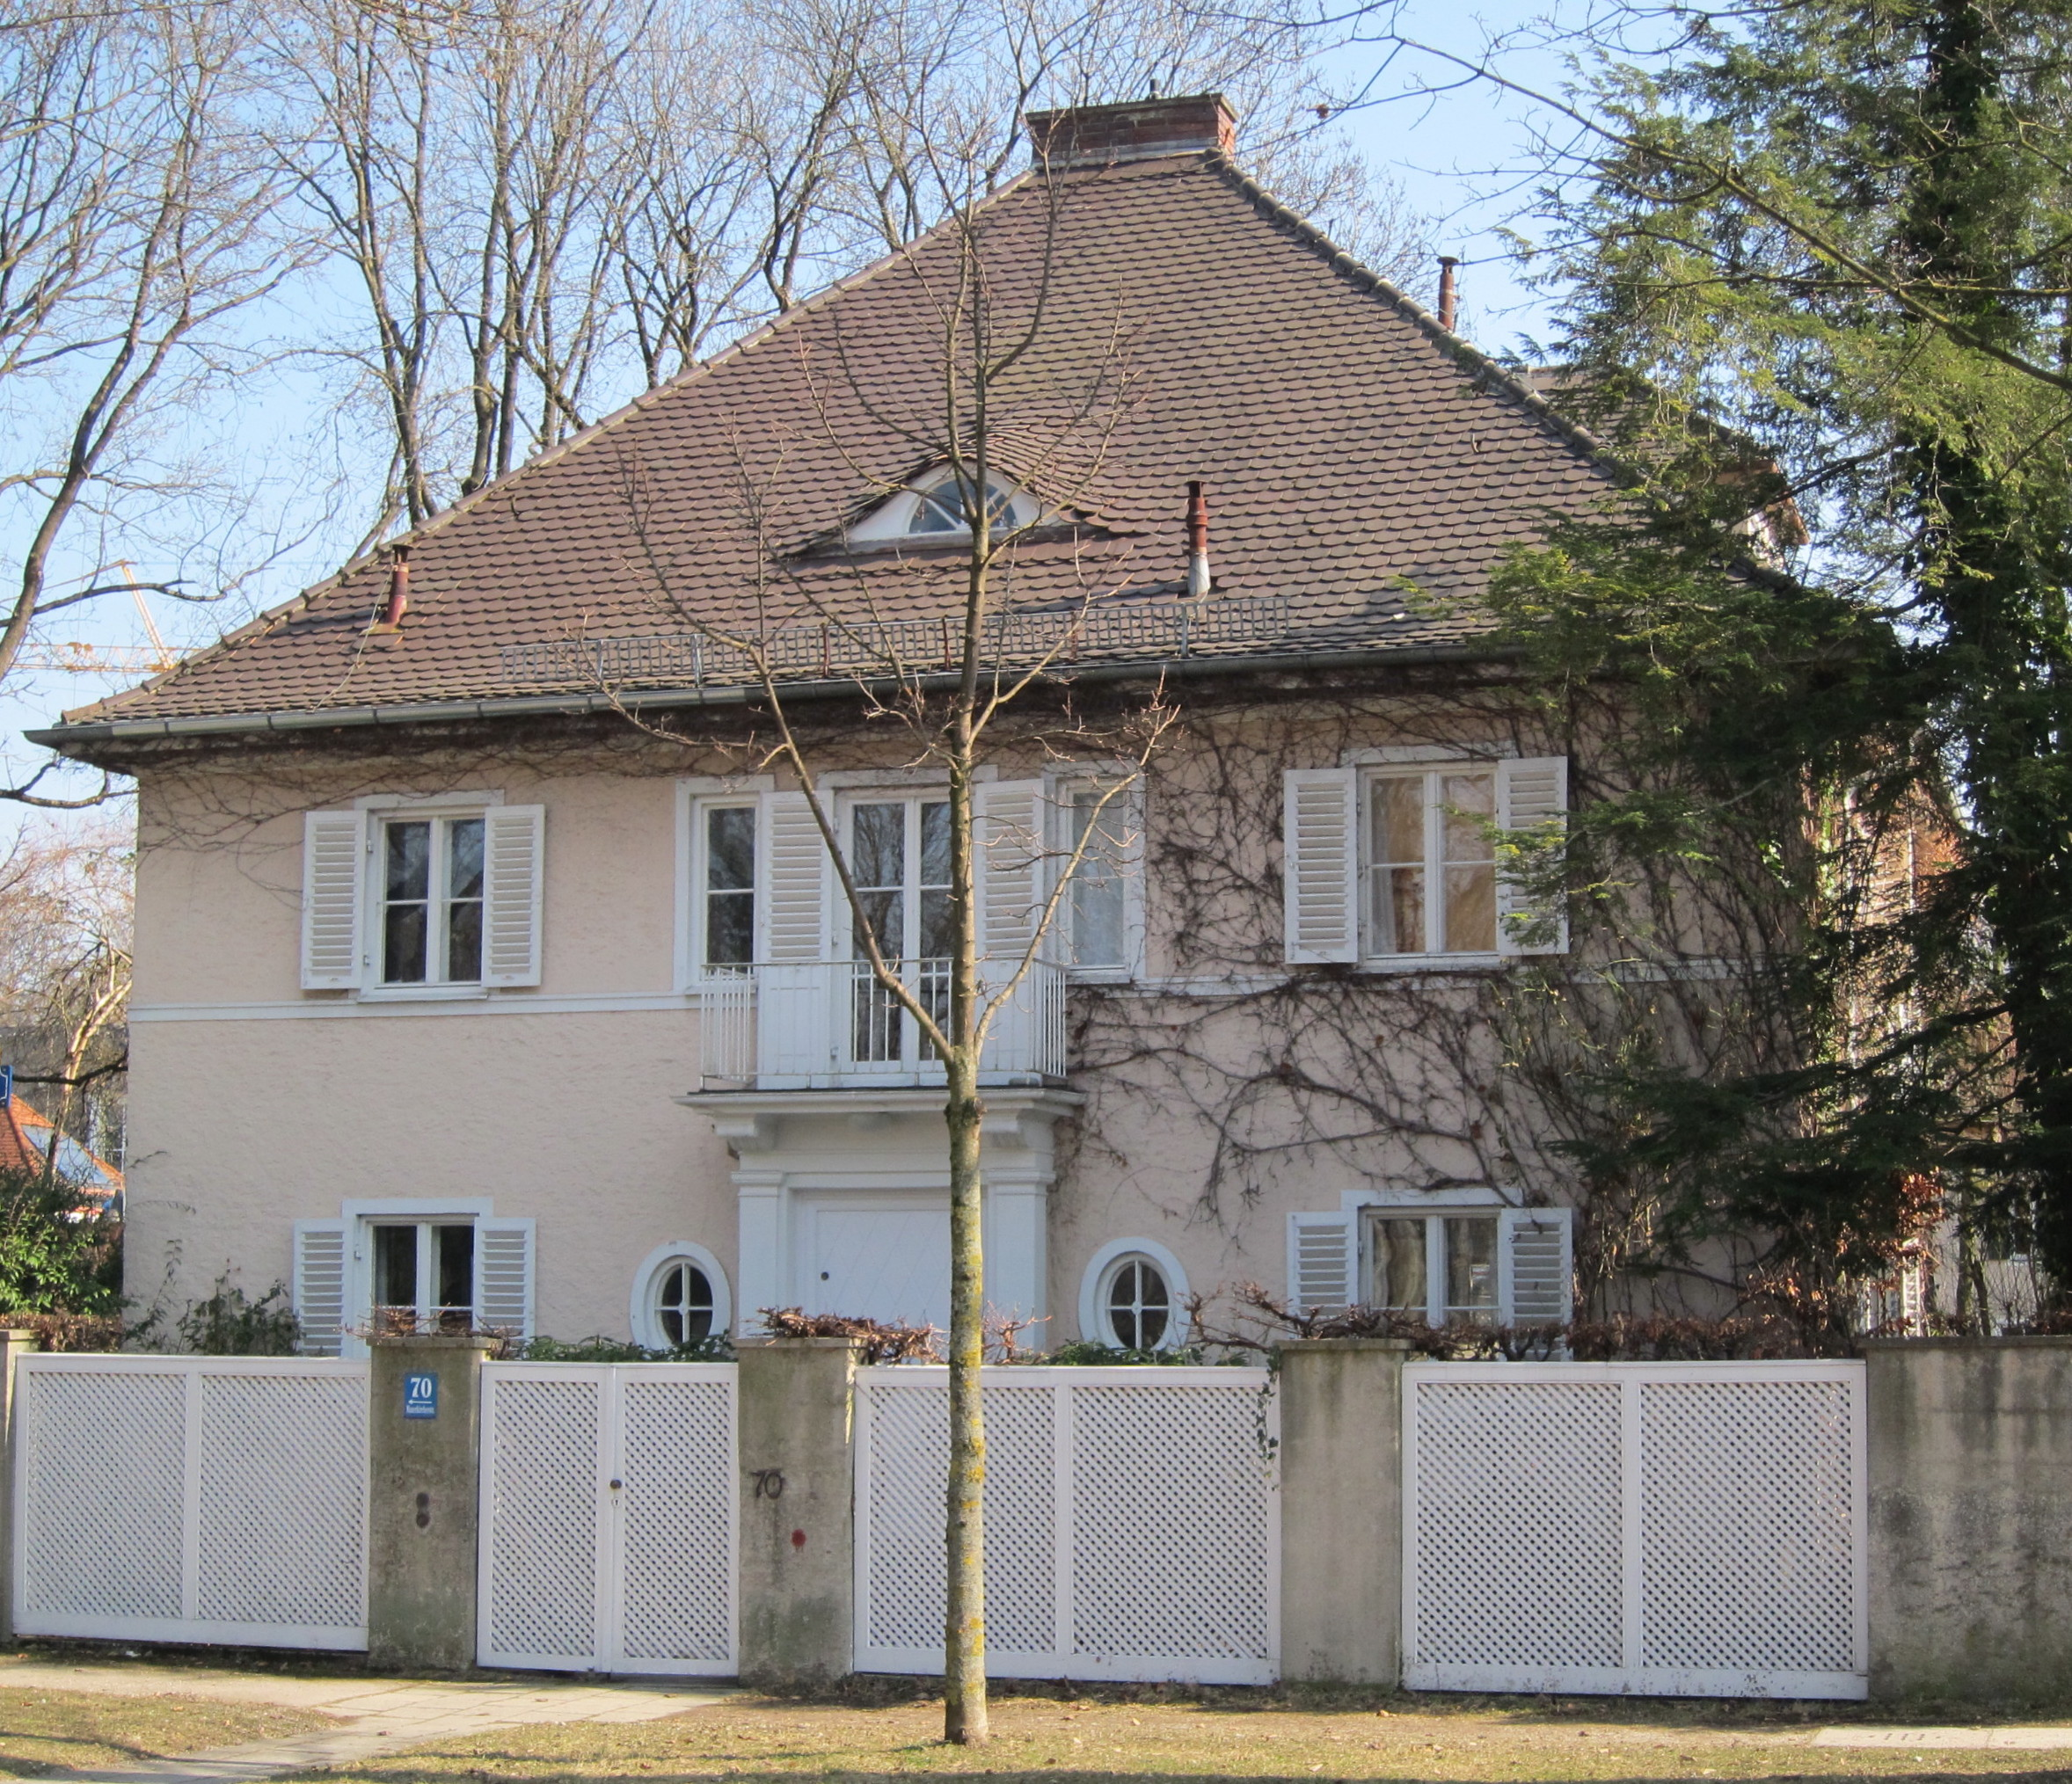 Mauerkircherstr München datei mauerkircherstr 70 muenchen 01 jpg